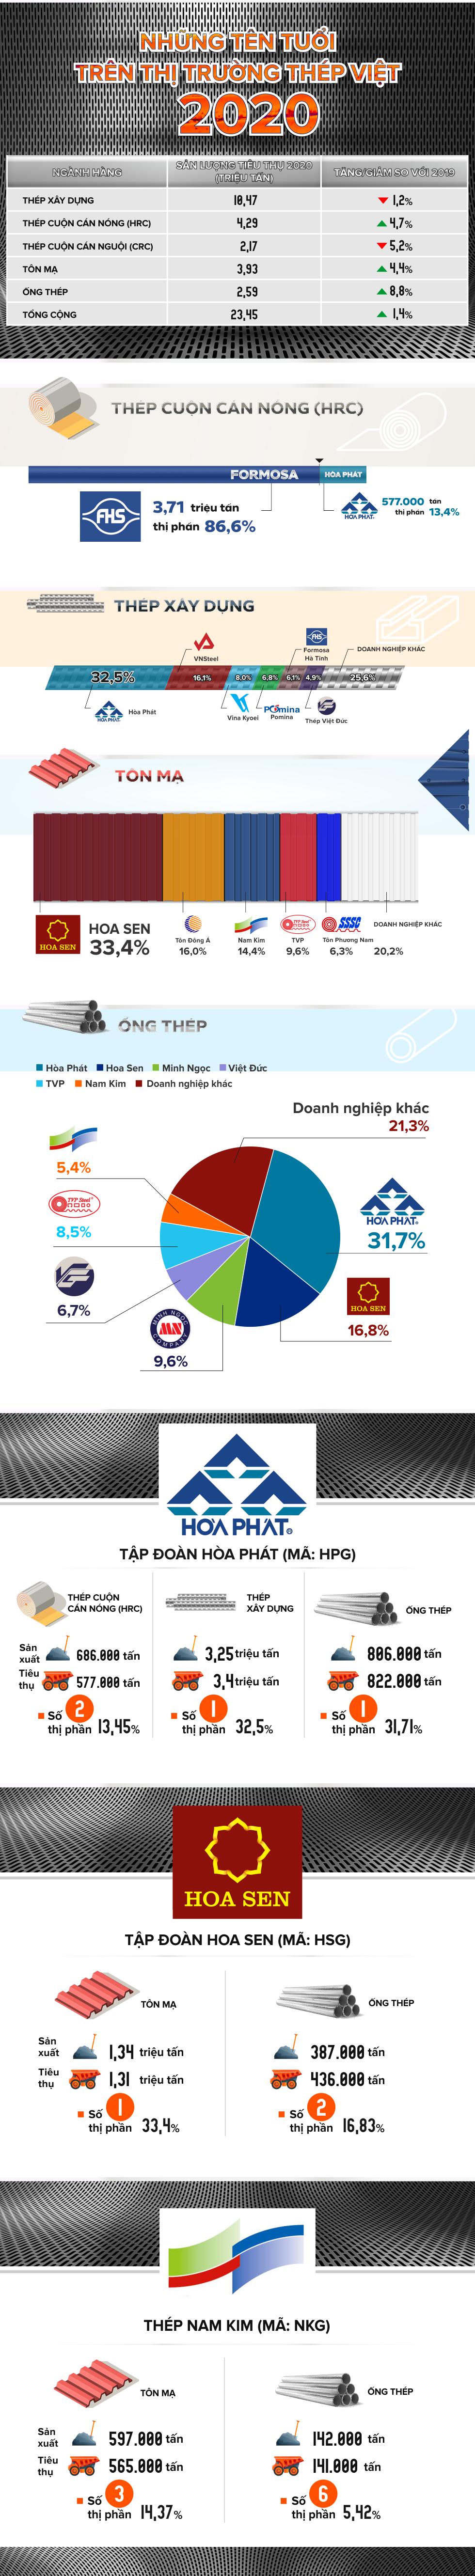 [Infographic] Những tên tuổi lớn trên thị trường thép Việt 2020 - Ảnh 1.